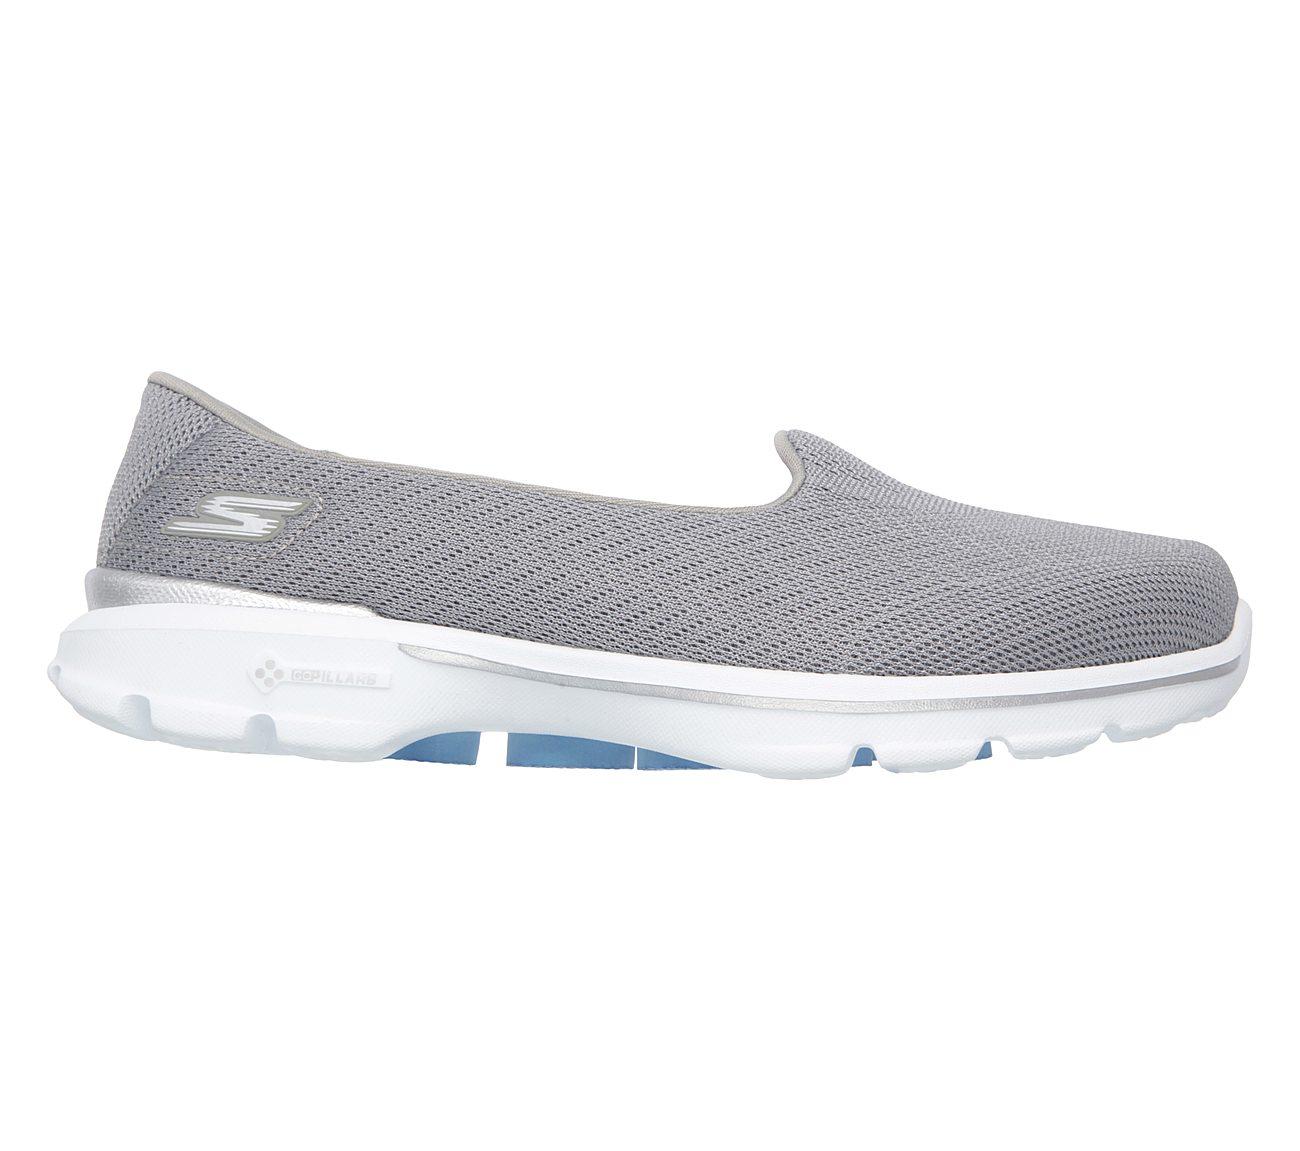 Skechers Damen Go Walk 3 Sneaker: Skechers: